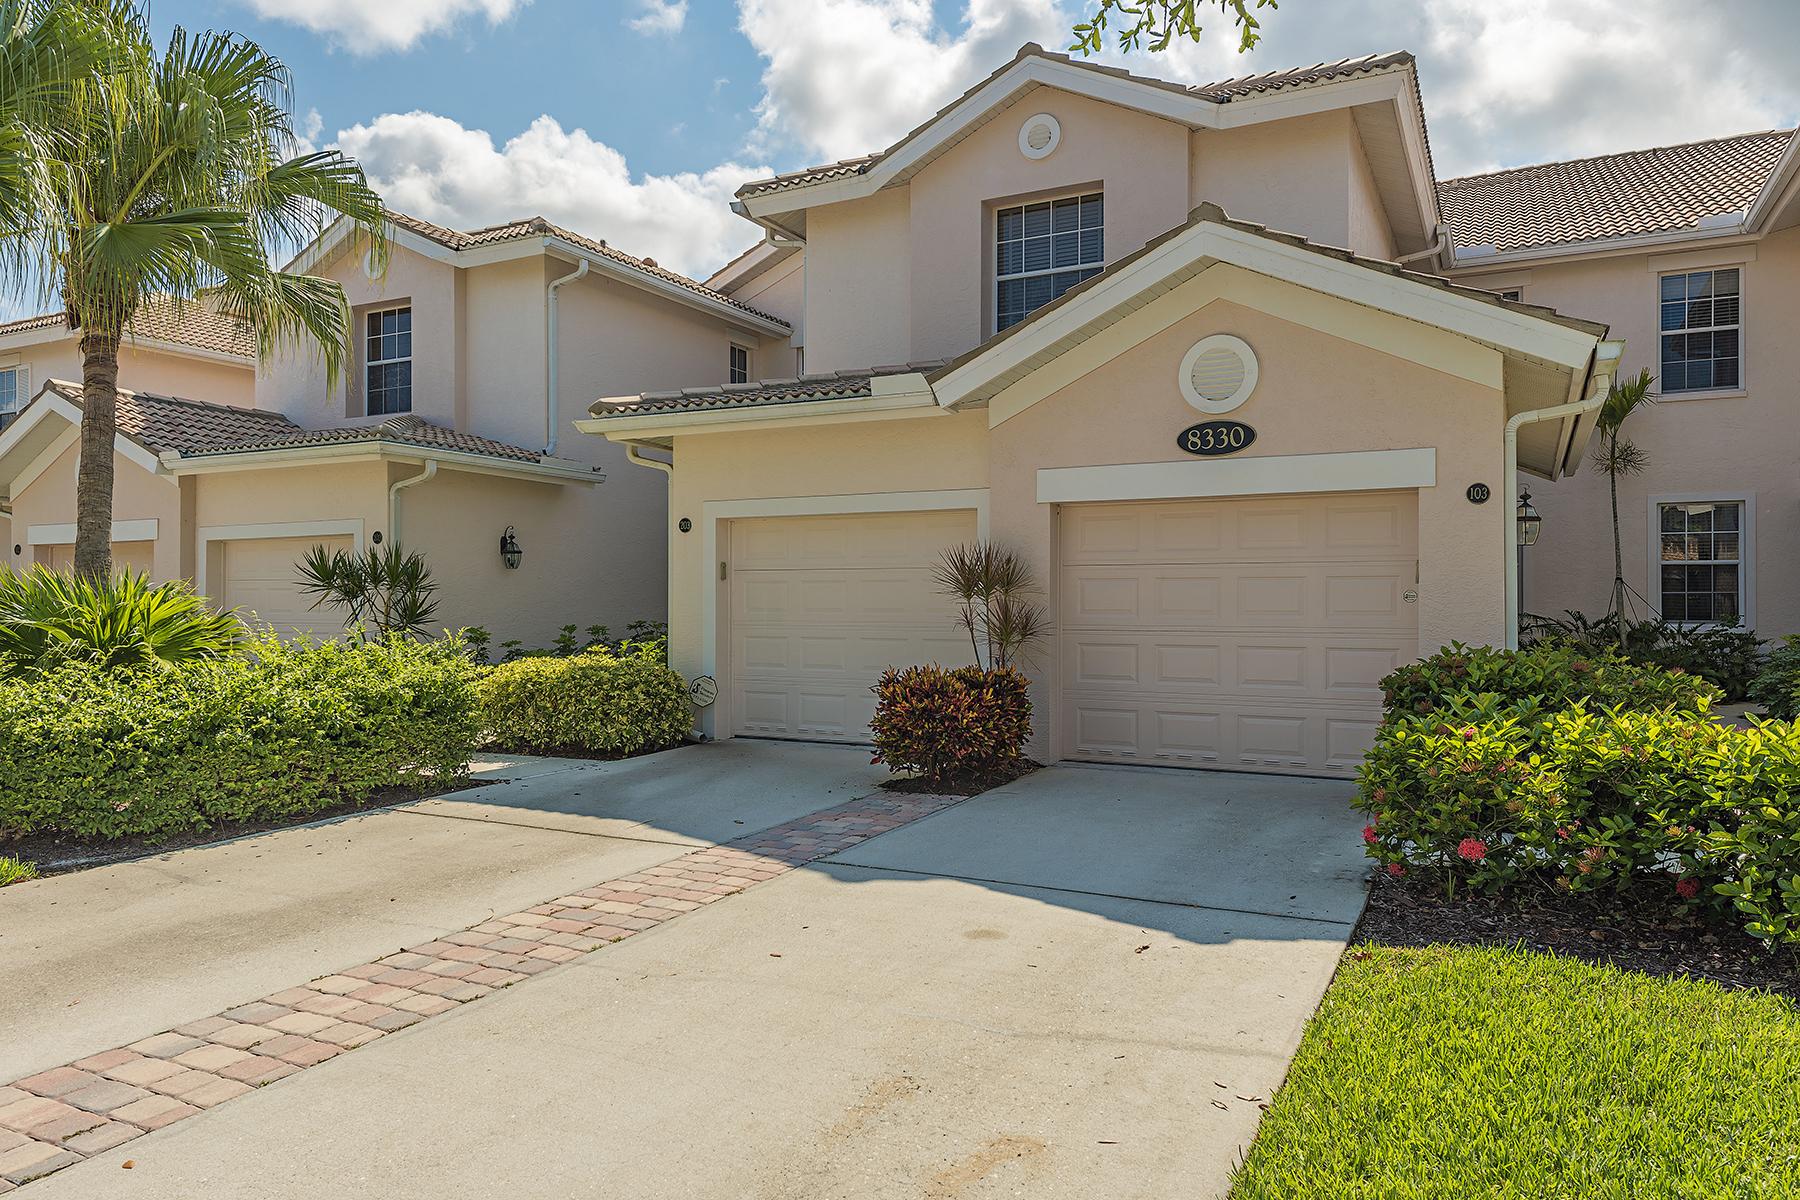 Nhà chung cư vì Bán tại FIDDLER'S CREEK - WHISPER TRACE 8330 Whisper Trace Way 103 Naples, Florida, 34114 Hoa Kỳ